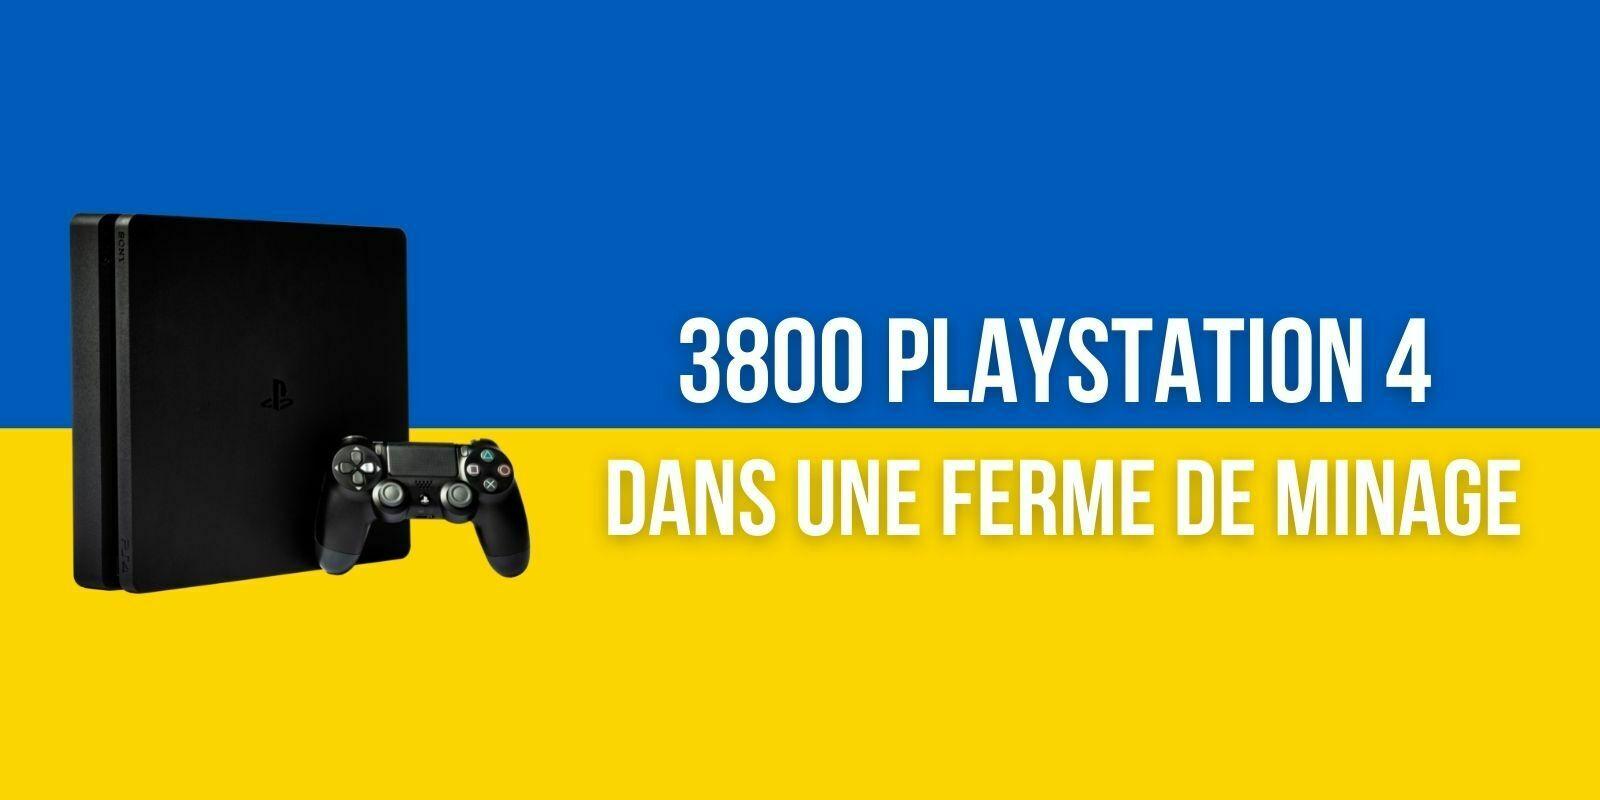 L'Ukraine saisit 3800 PlayStation 4 utilisées pour le minage illégal de cryptomonnaies